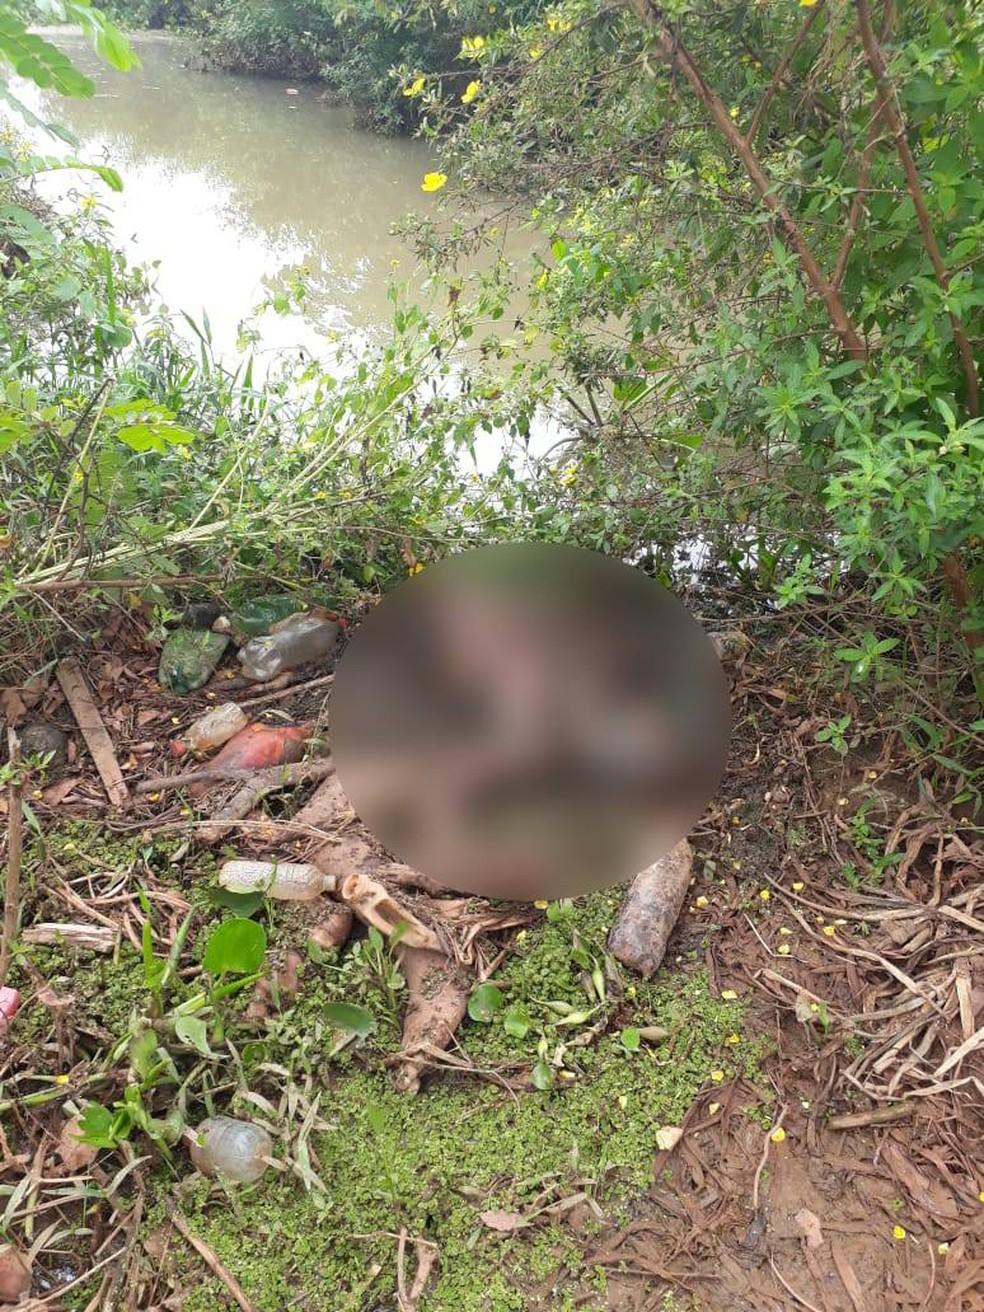 Corpo encontrado às margens do rio, em Cáceres (MT) — Foto: Polícia Civil - MT